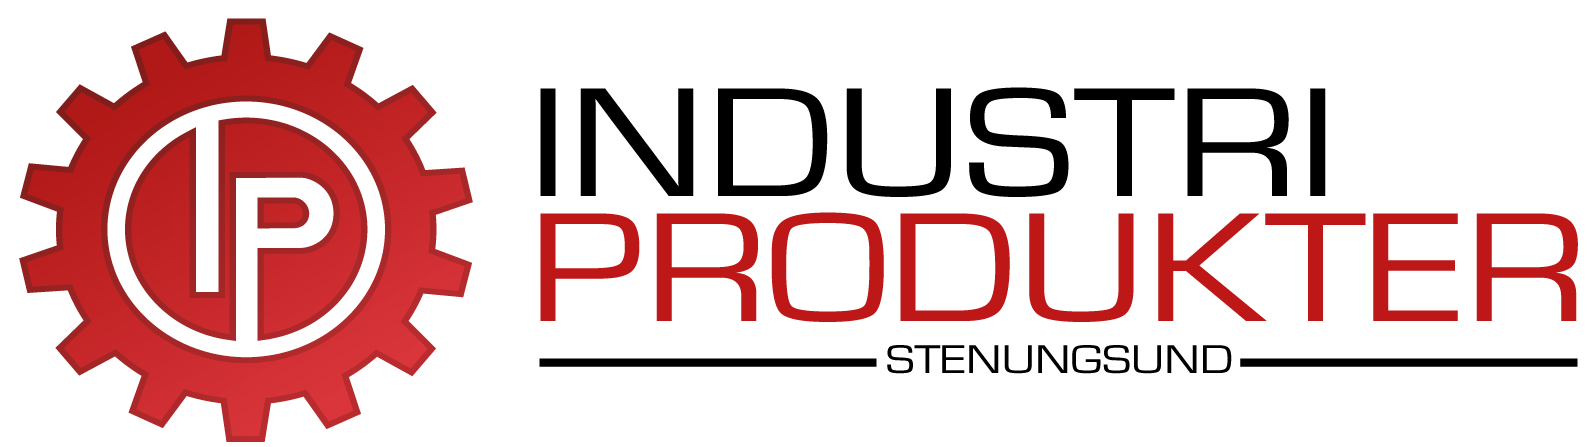 Industriprodukter Stenungsund